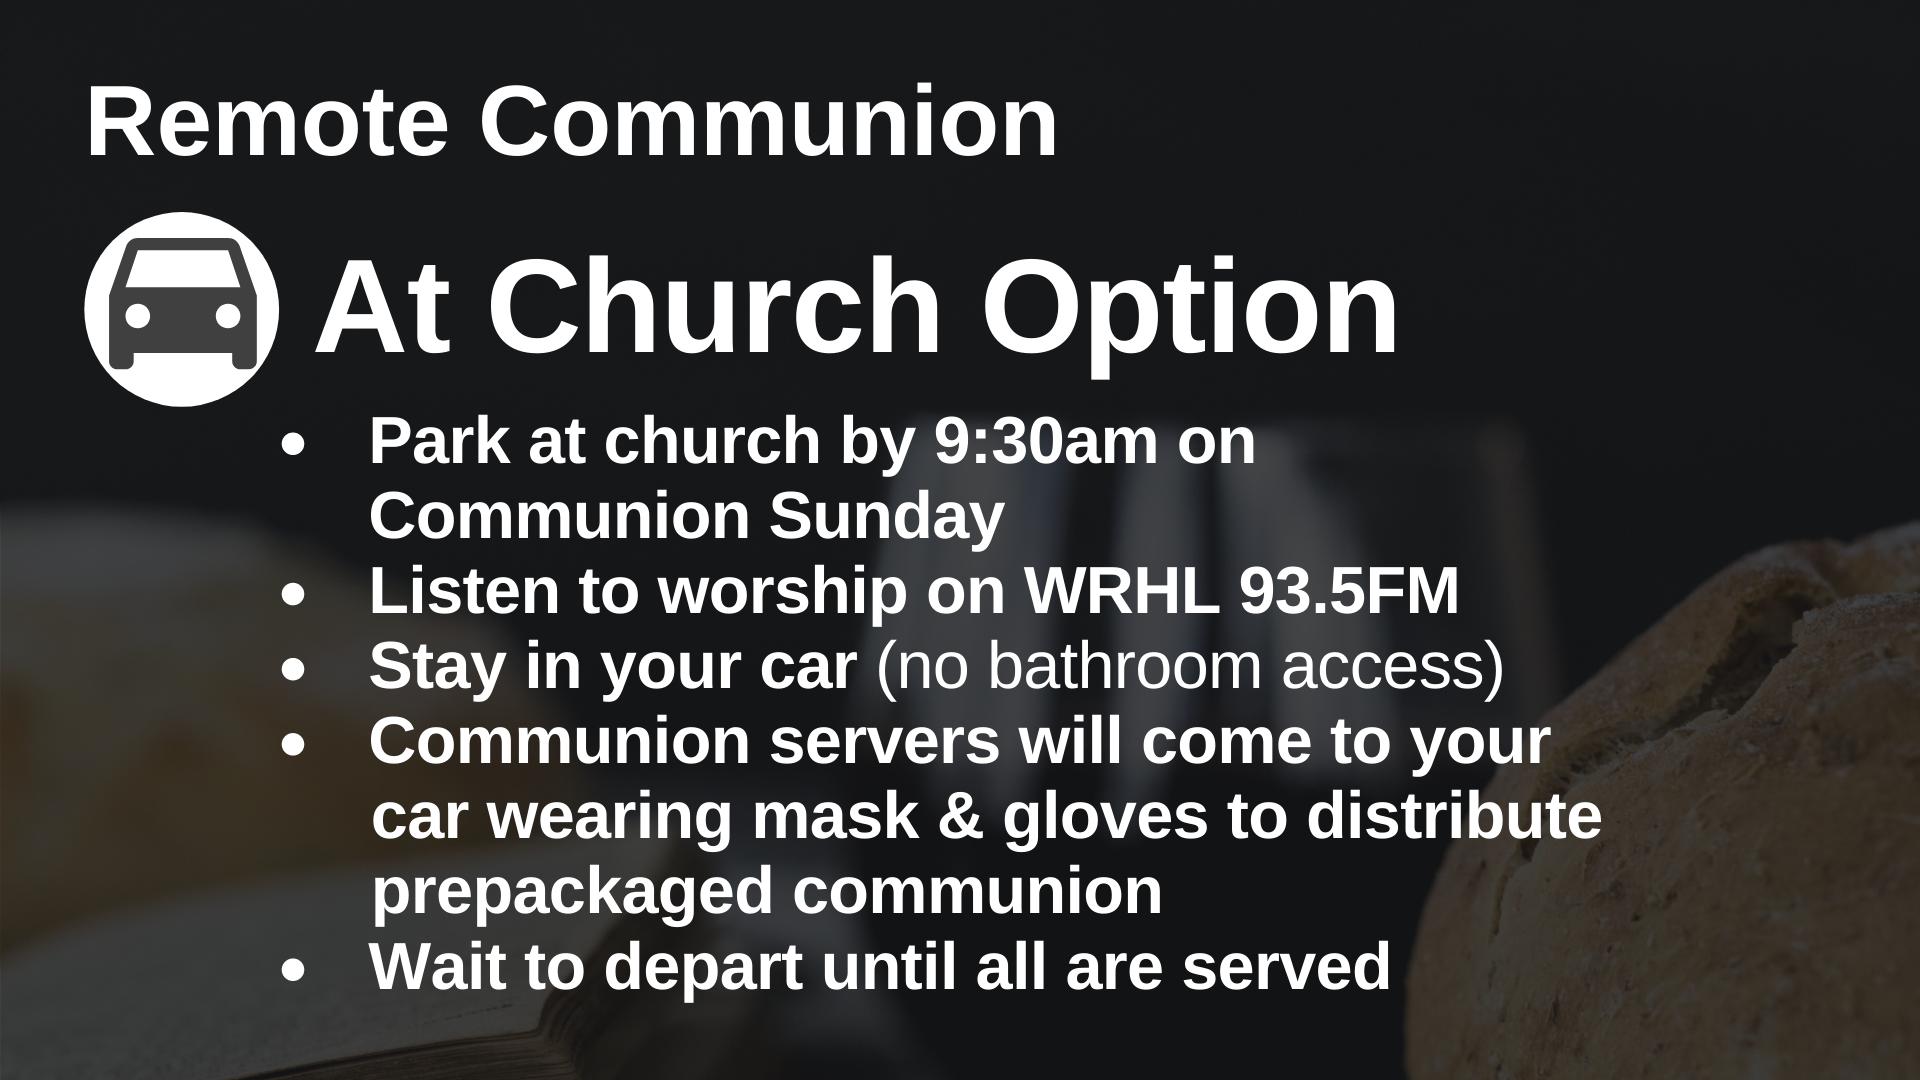 Remote Communion 16 9(1)